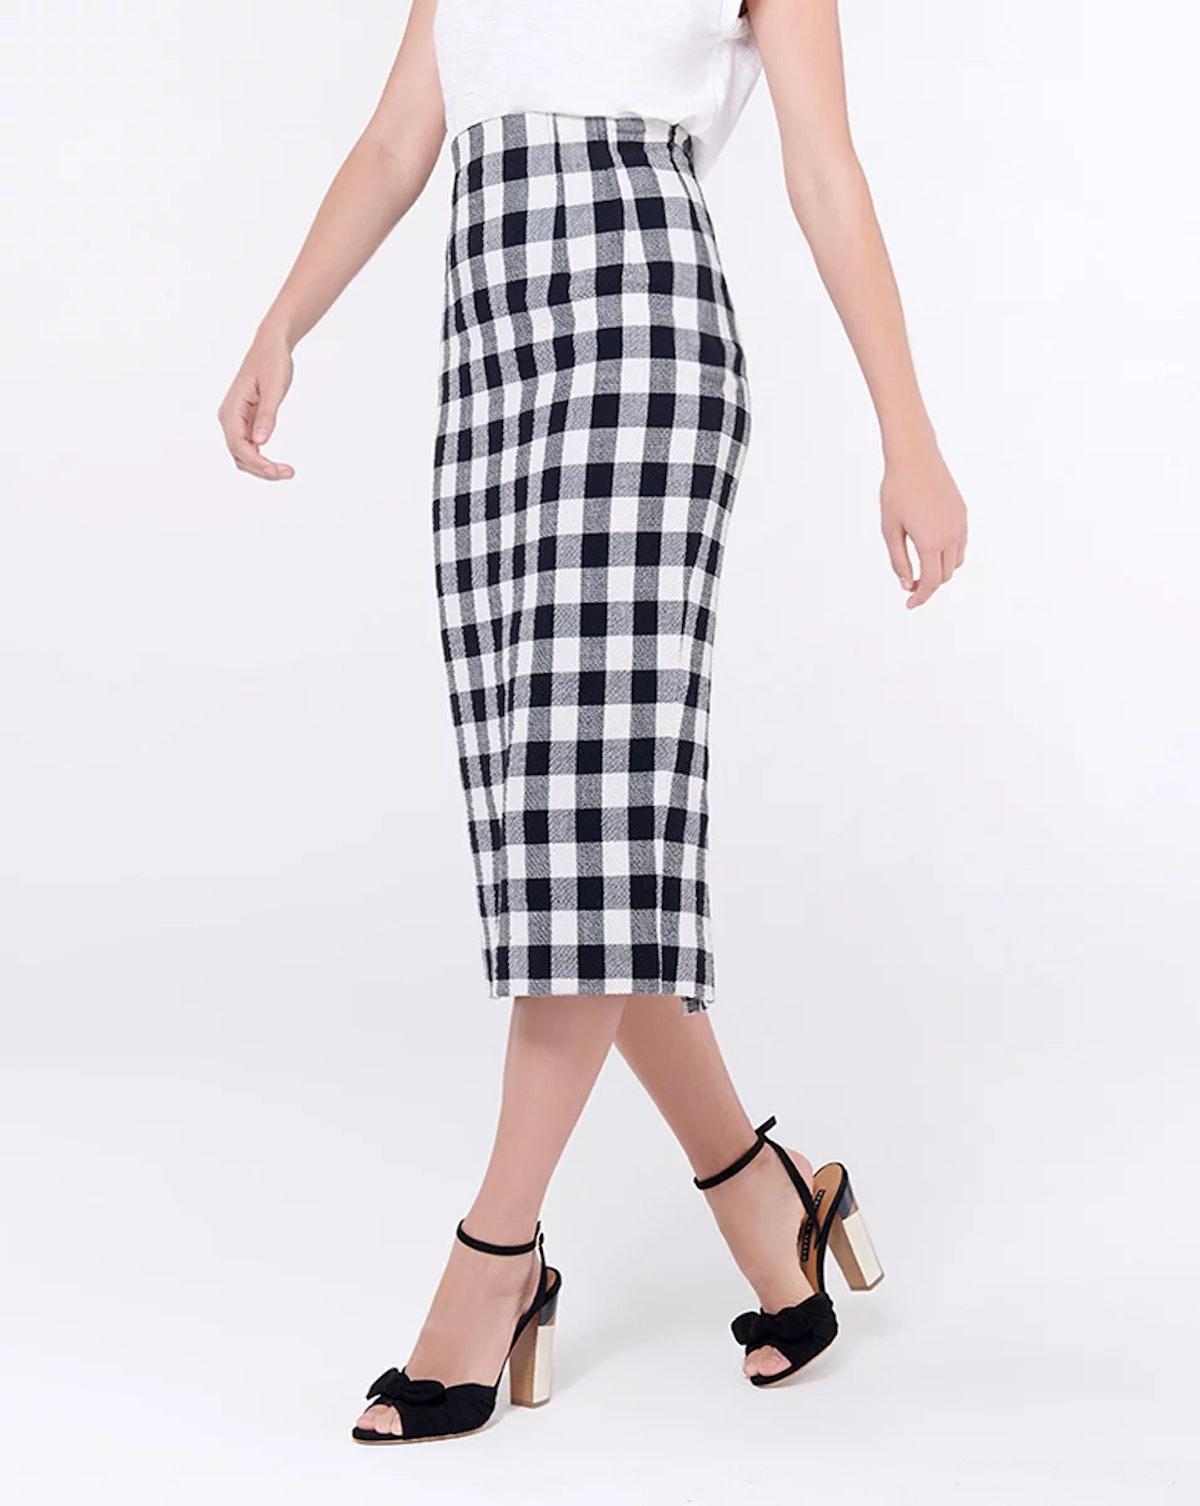 Maldive Skirt